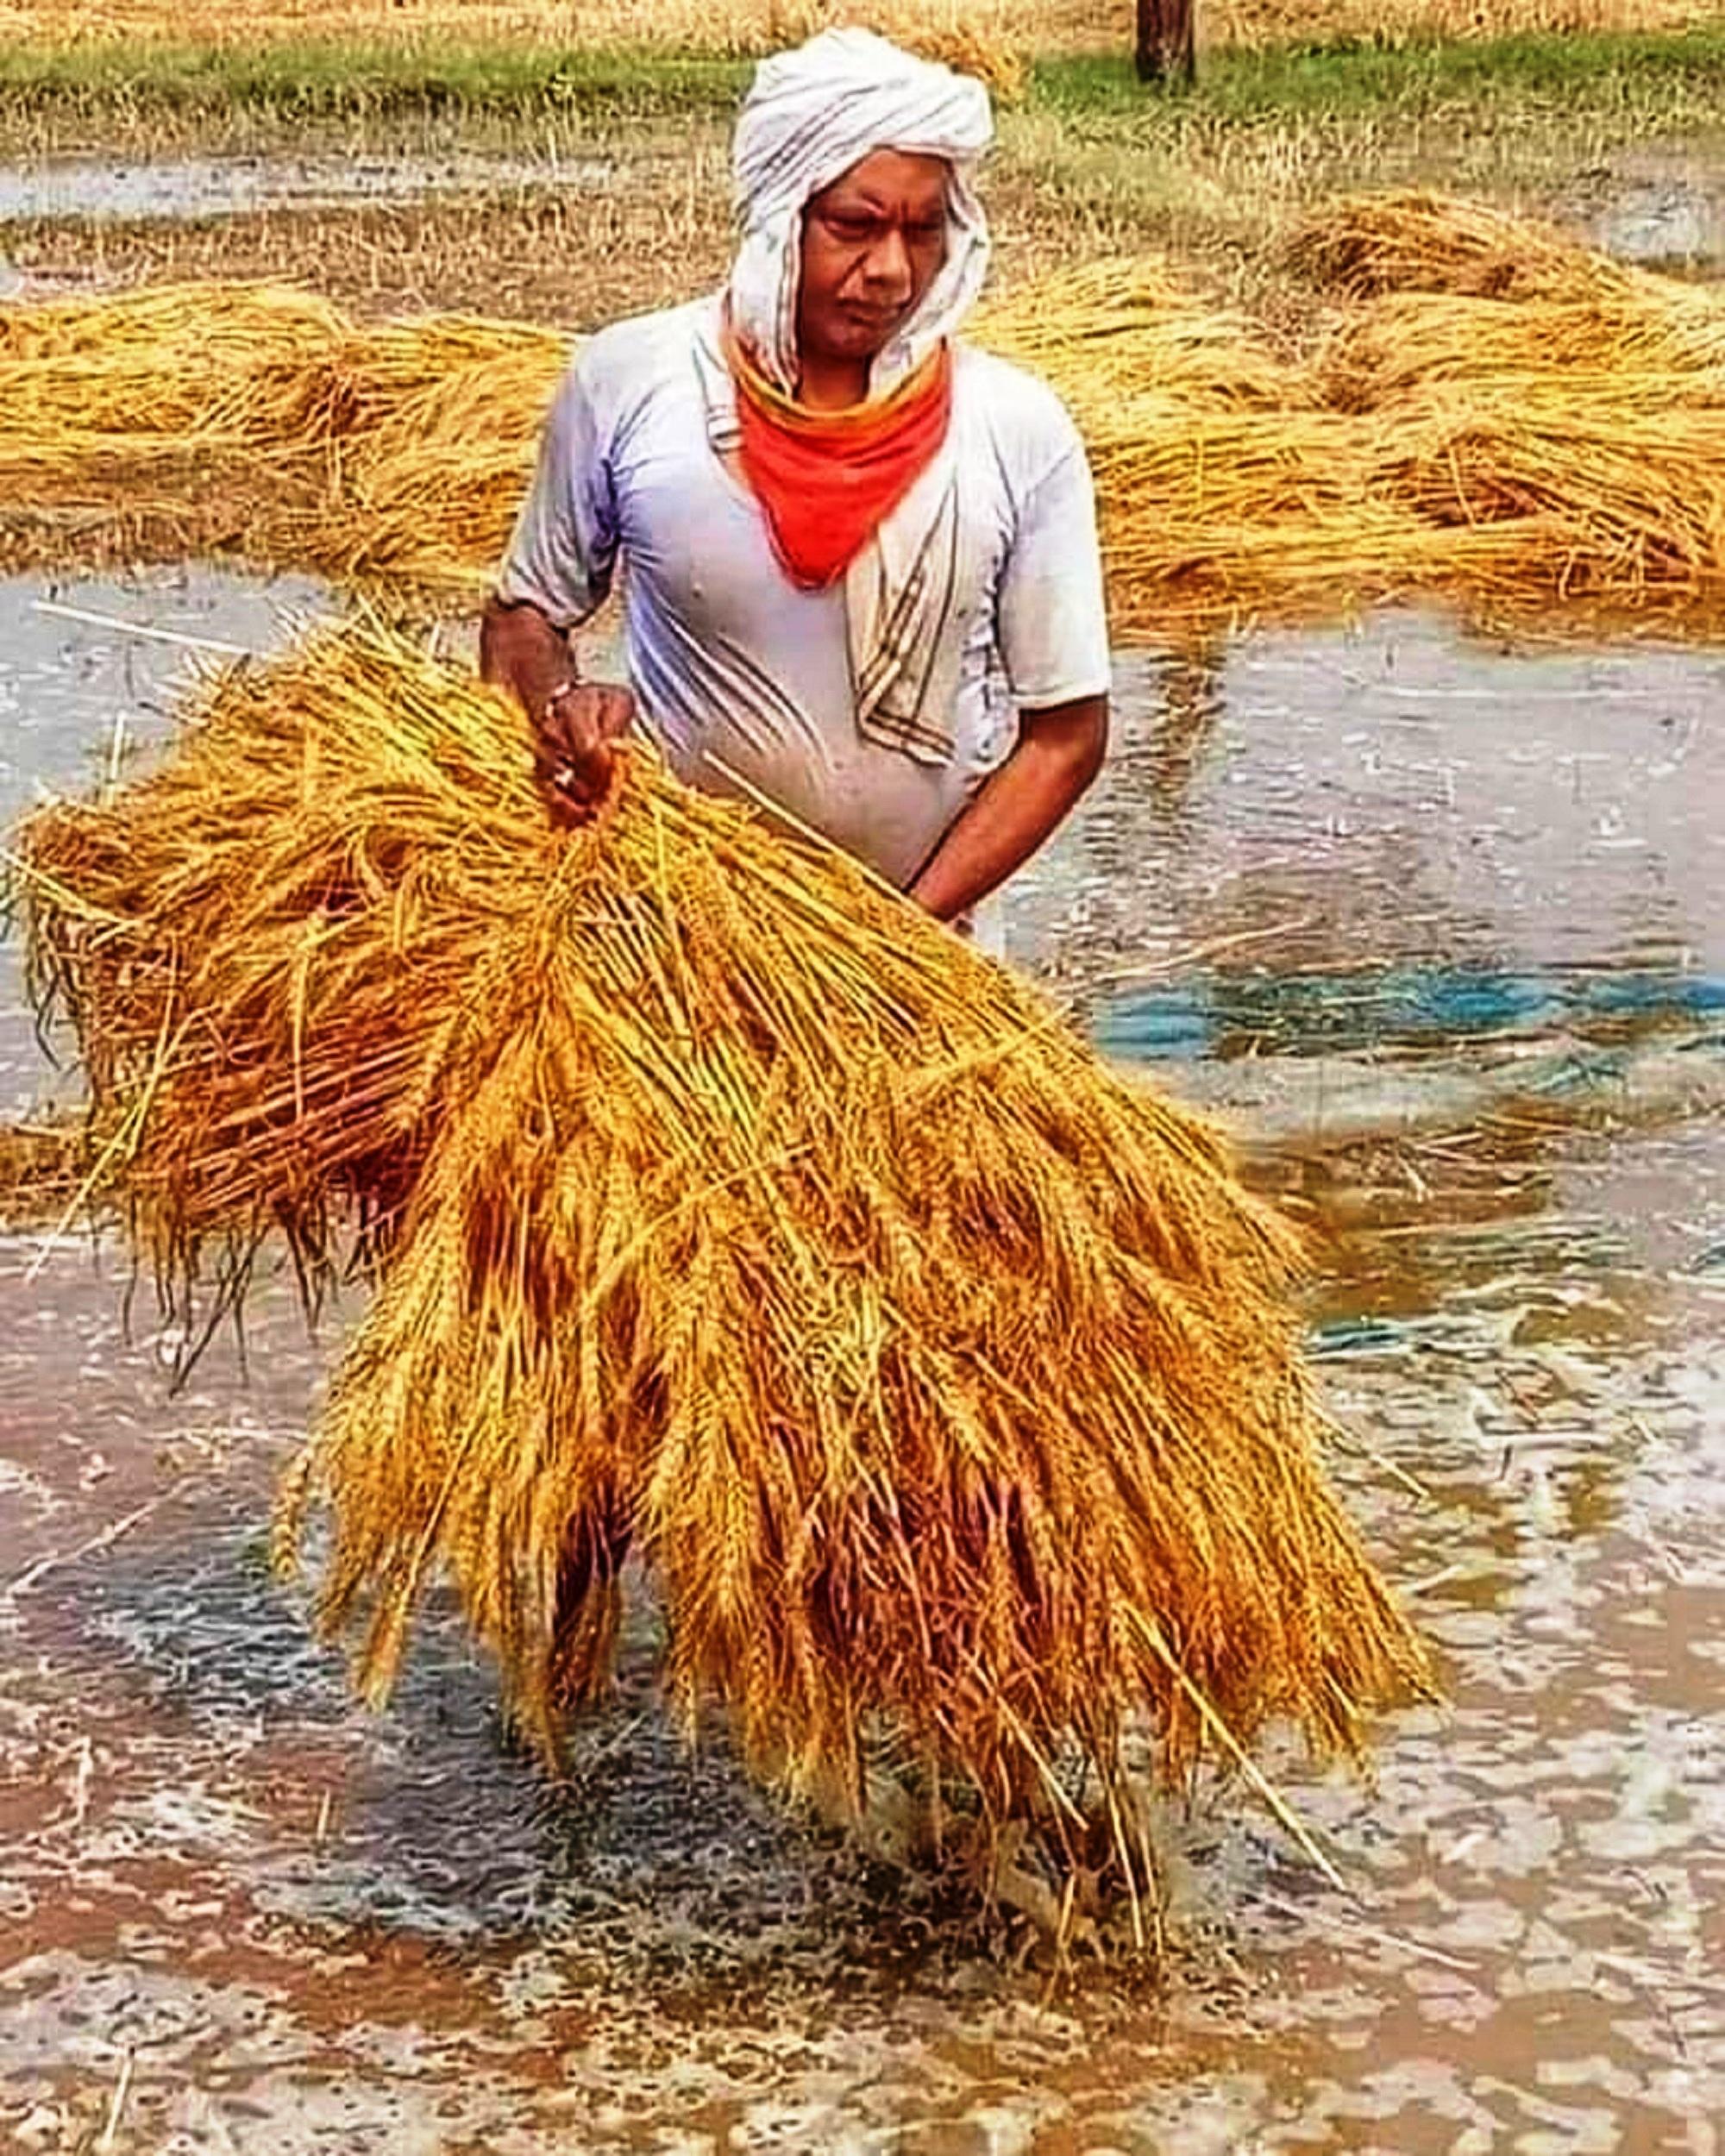 Man working in a field